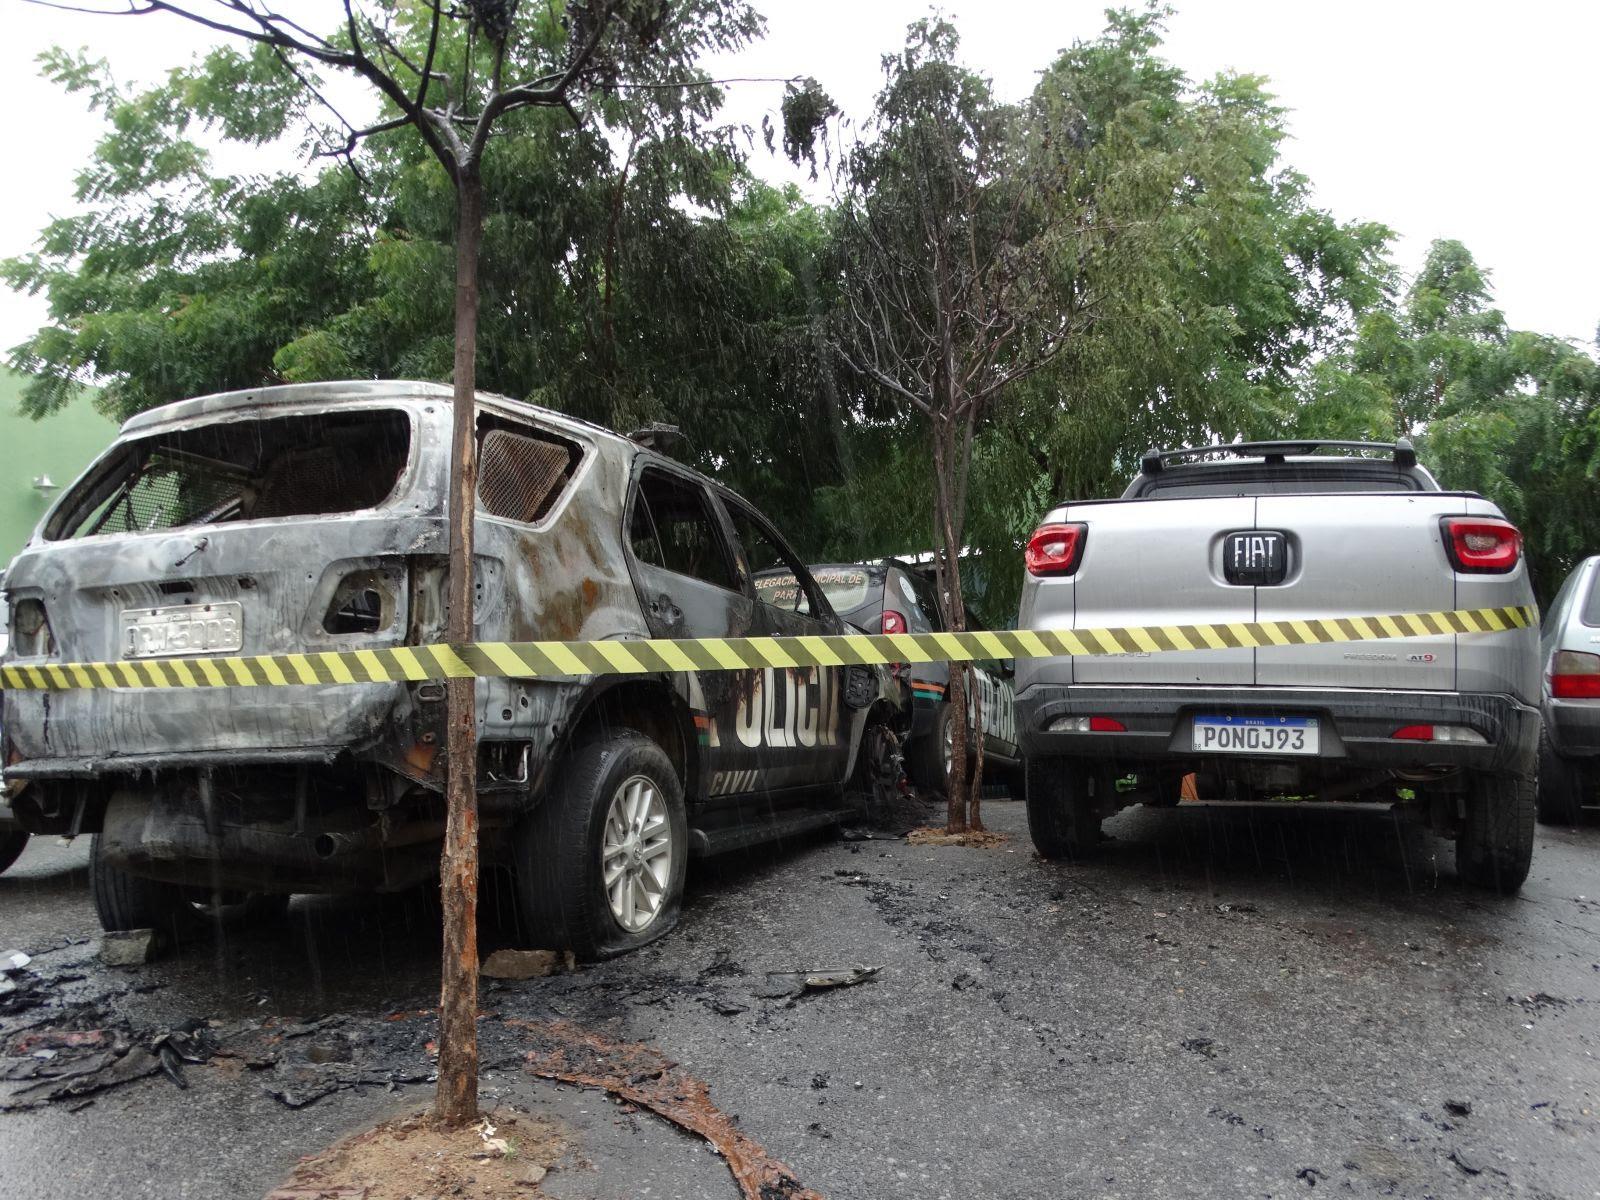 Incêndio em viaturas no pátio da DP de Tauá foi criminoso, diz Polícia Civil